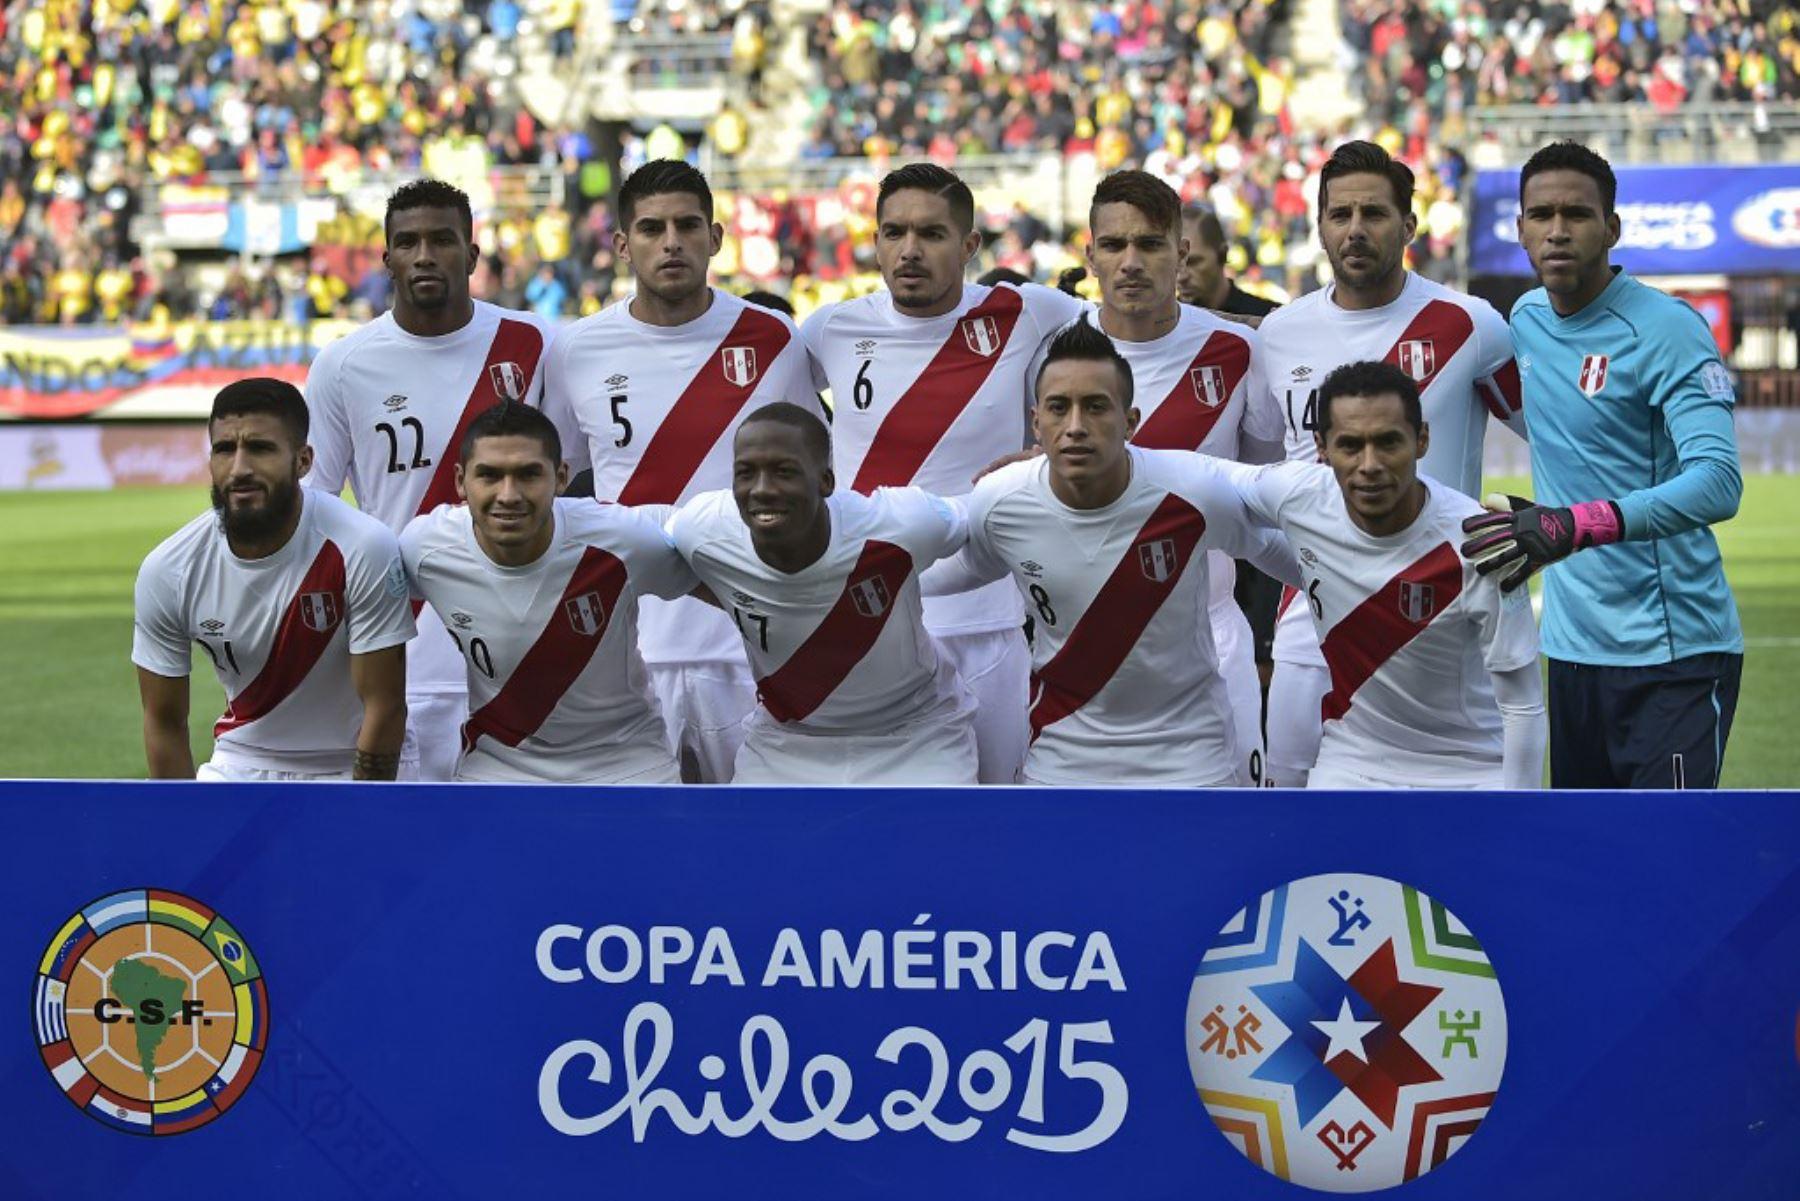 Los jugadores de Perú posan para las fotos antes del comienzo del partido de campeonato de fútbol de la Copa América 2015 contra Colombia, en Temuco, Chile. Foto: AFP